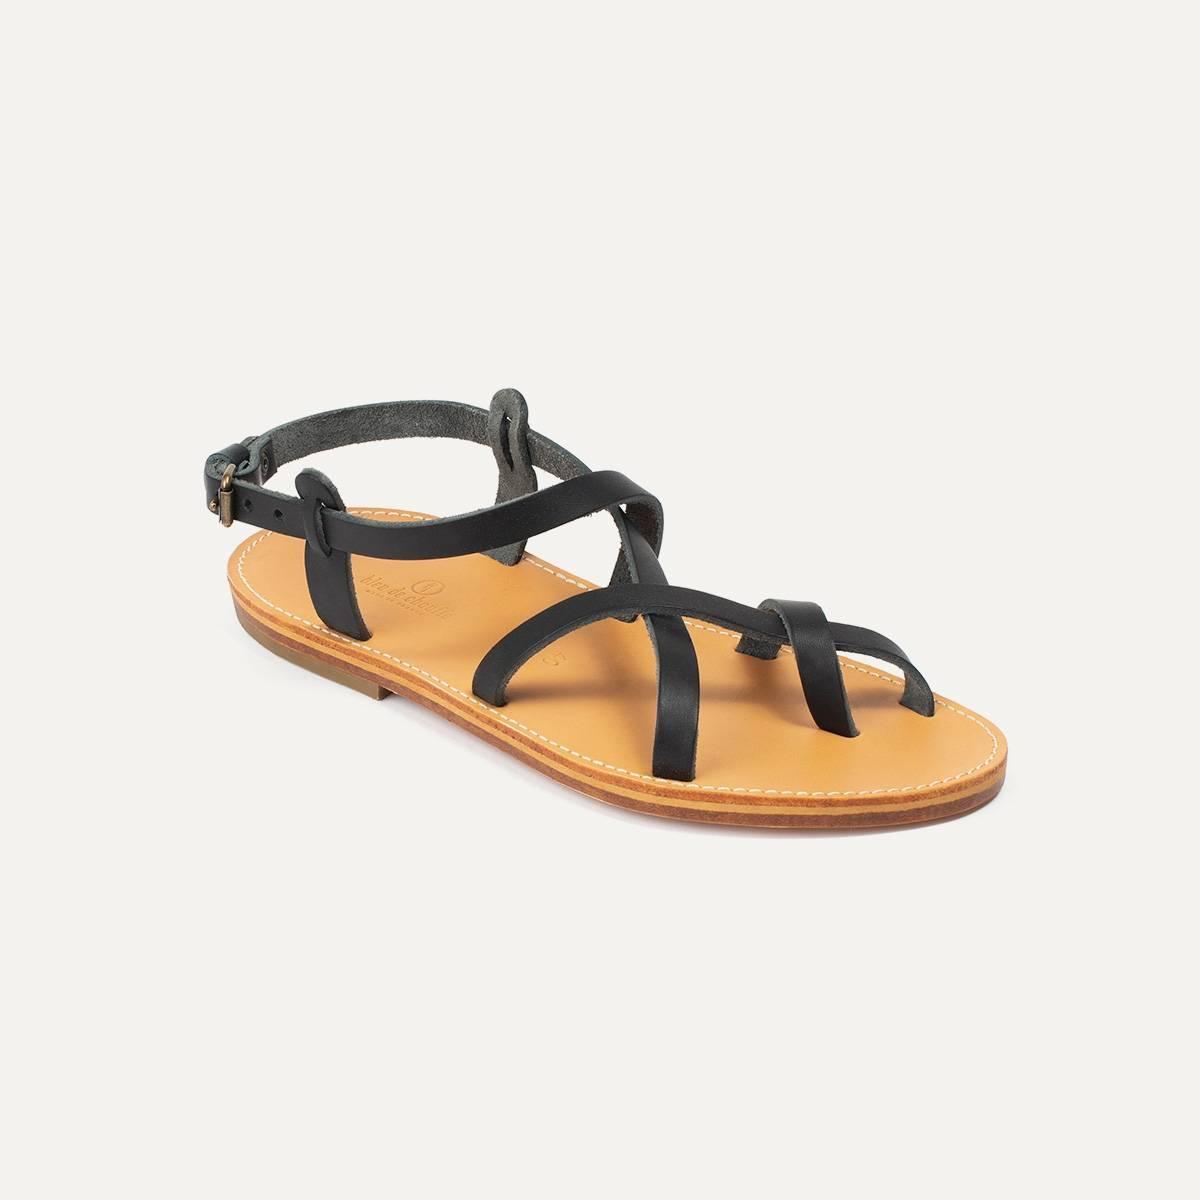 Sandales cuir Nara - Noir (image n°2)